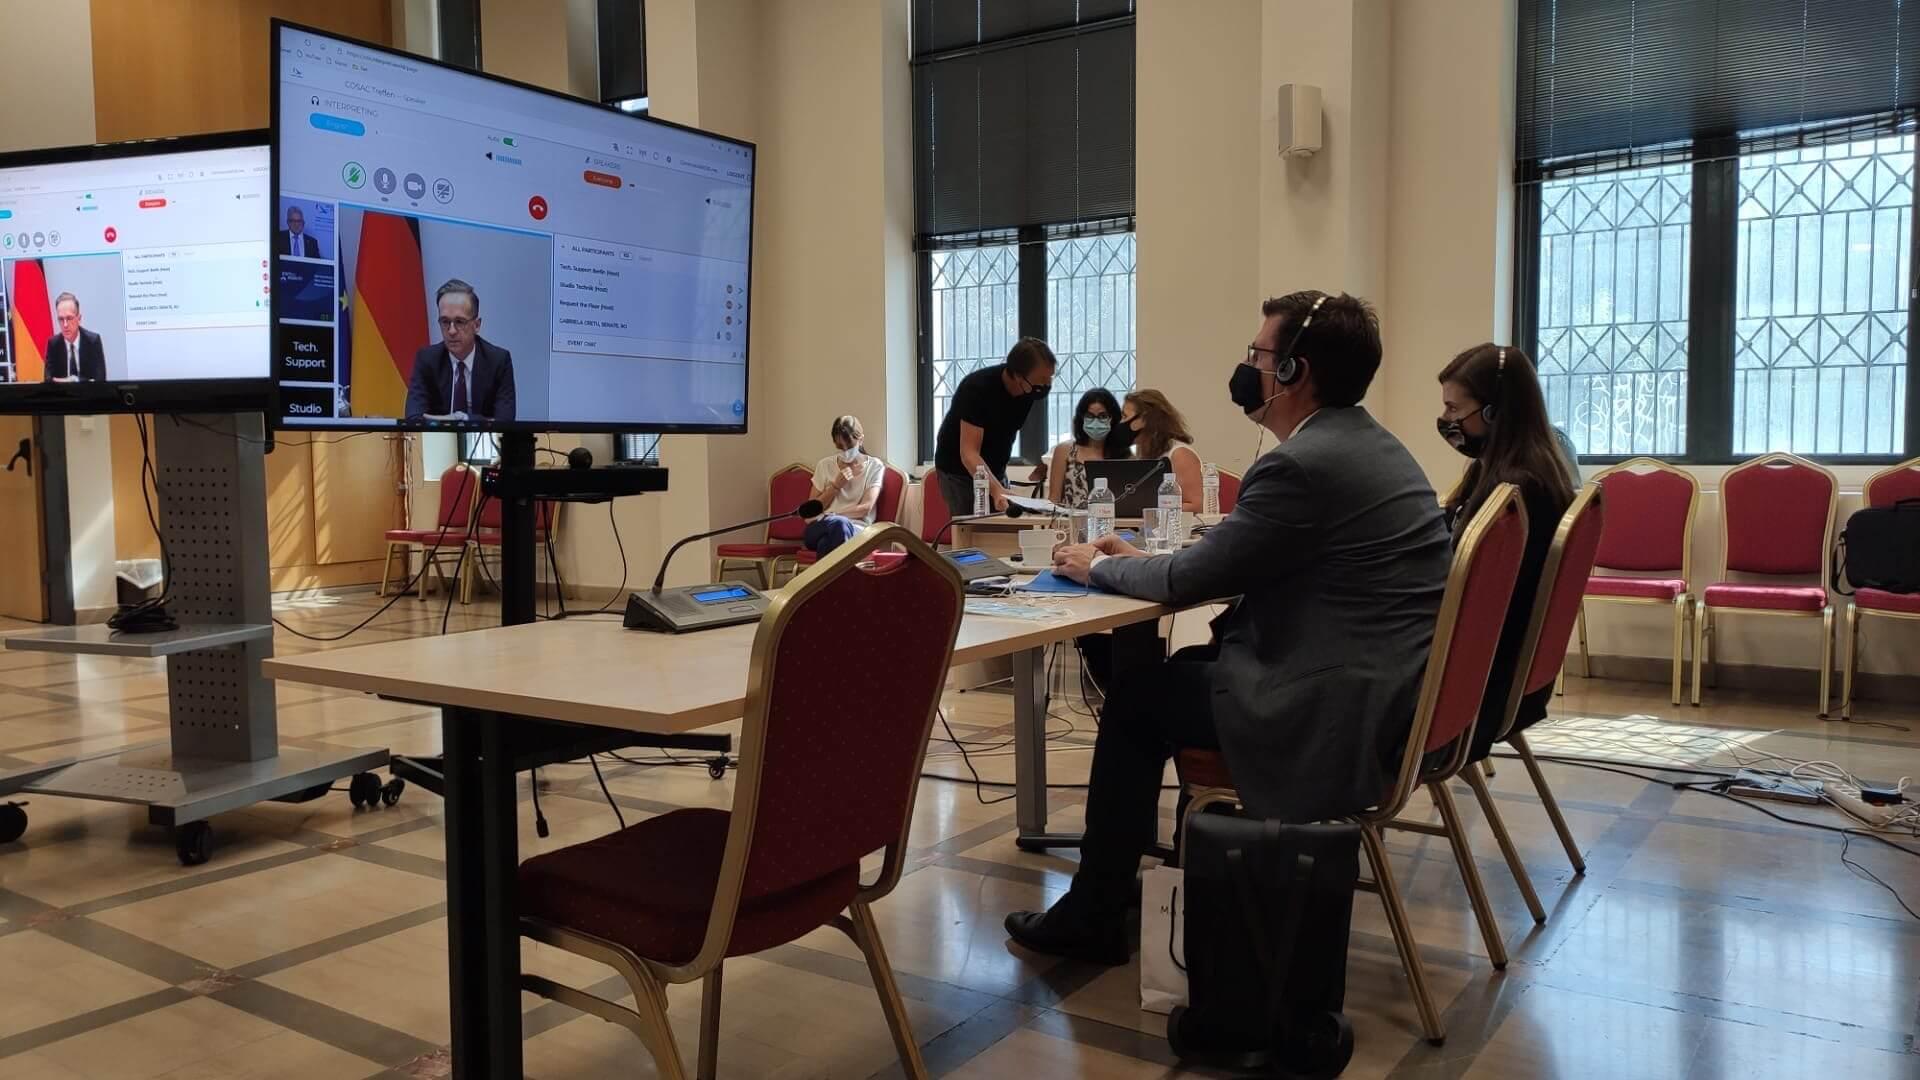 Η Τουρκία και η Σύνοδος των Εθνικών Κοινοβουλίων της Ευρώπης, 14 Σεπτεμβρίου 2020